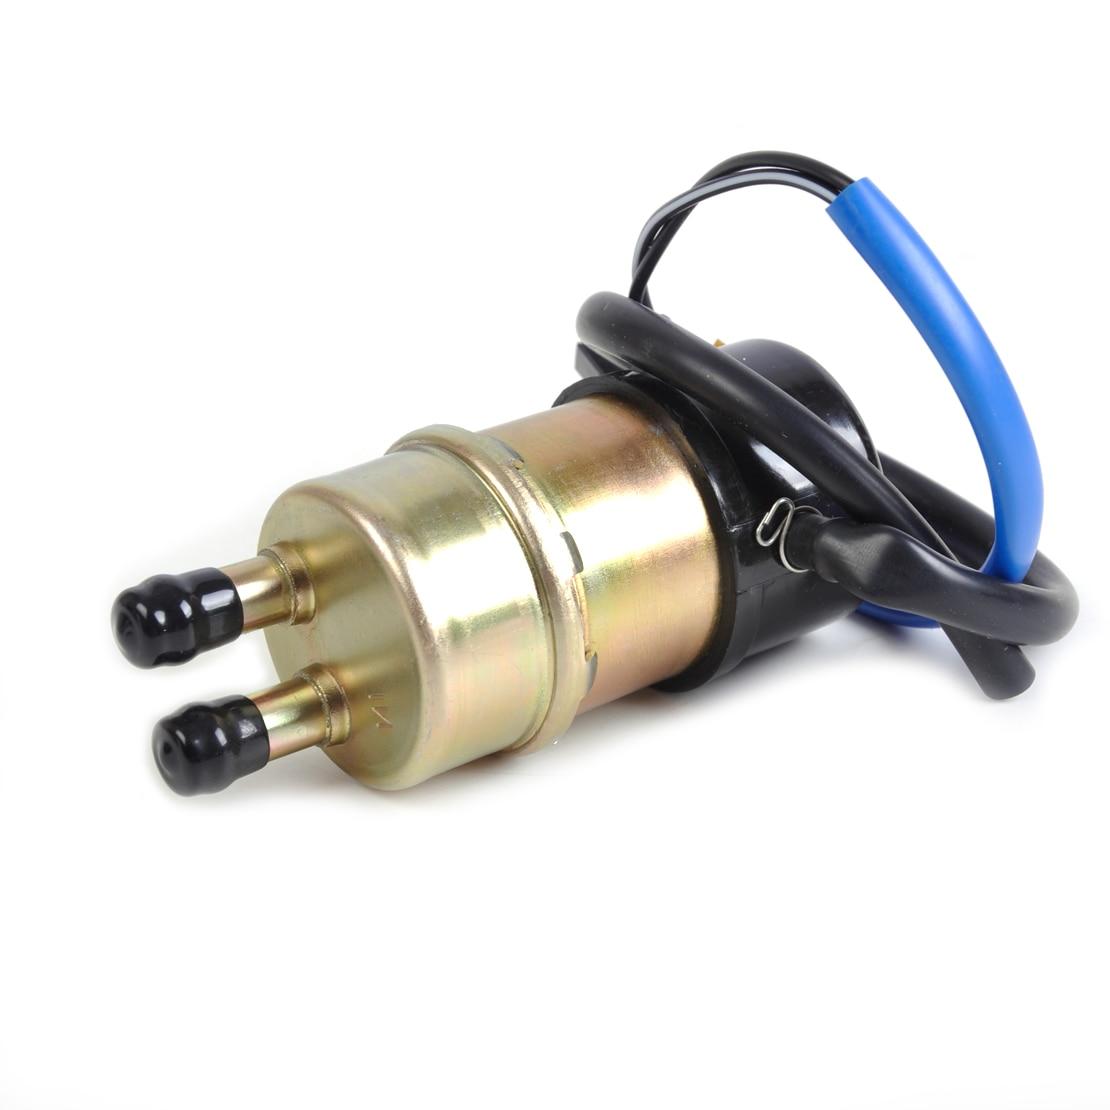 Kawasaki Mule 2002 Fuel Pump 3010 3020 3000